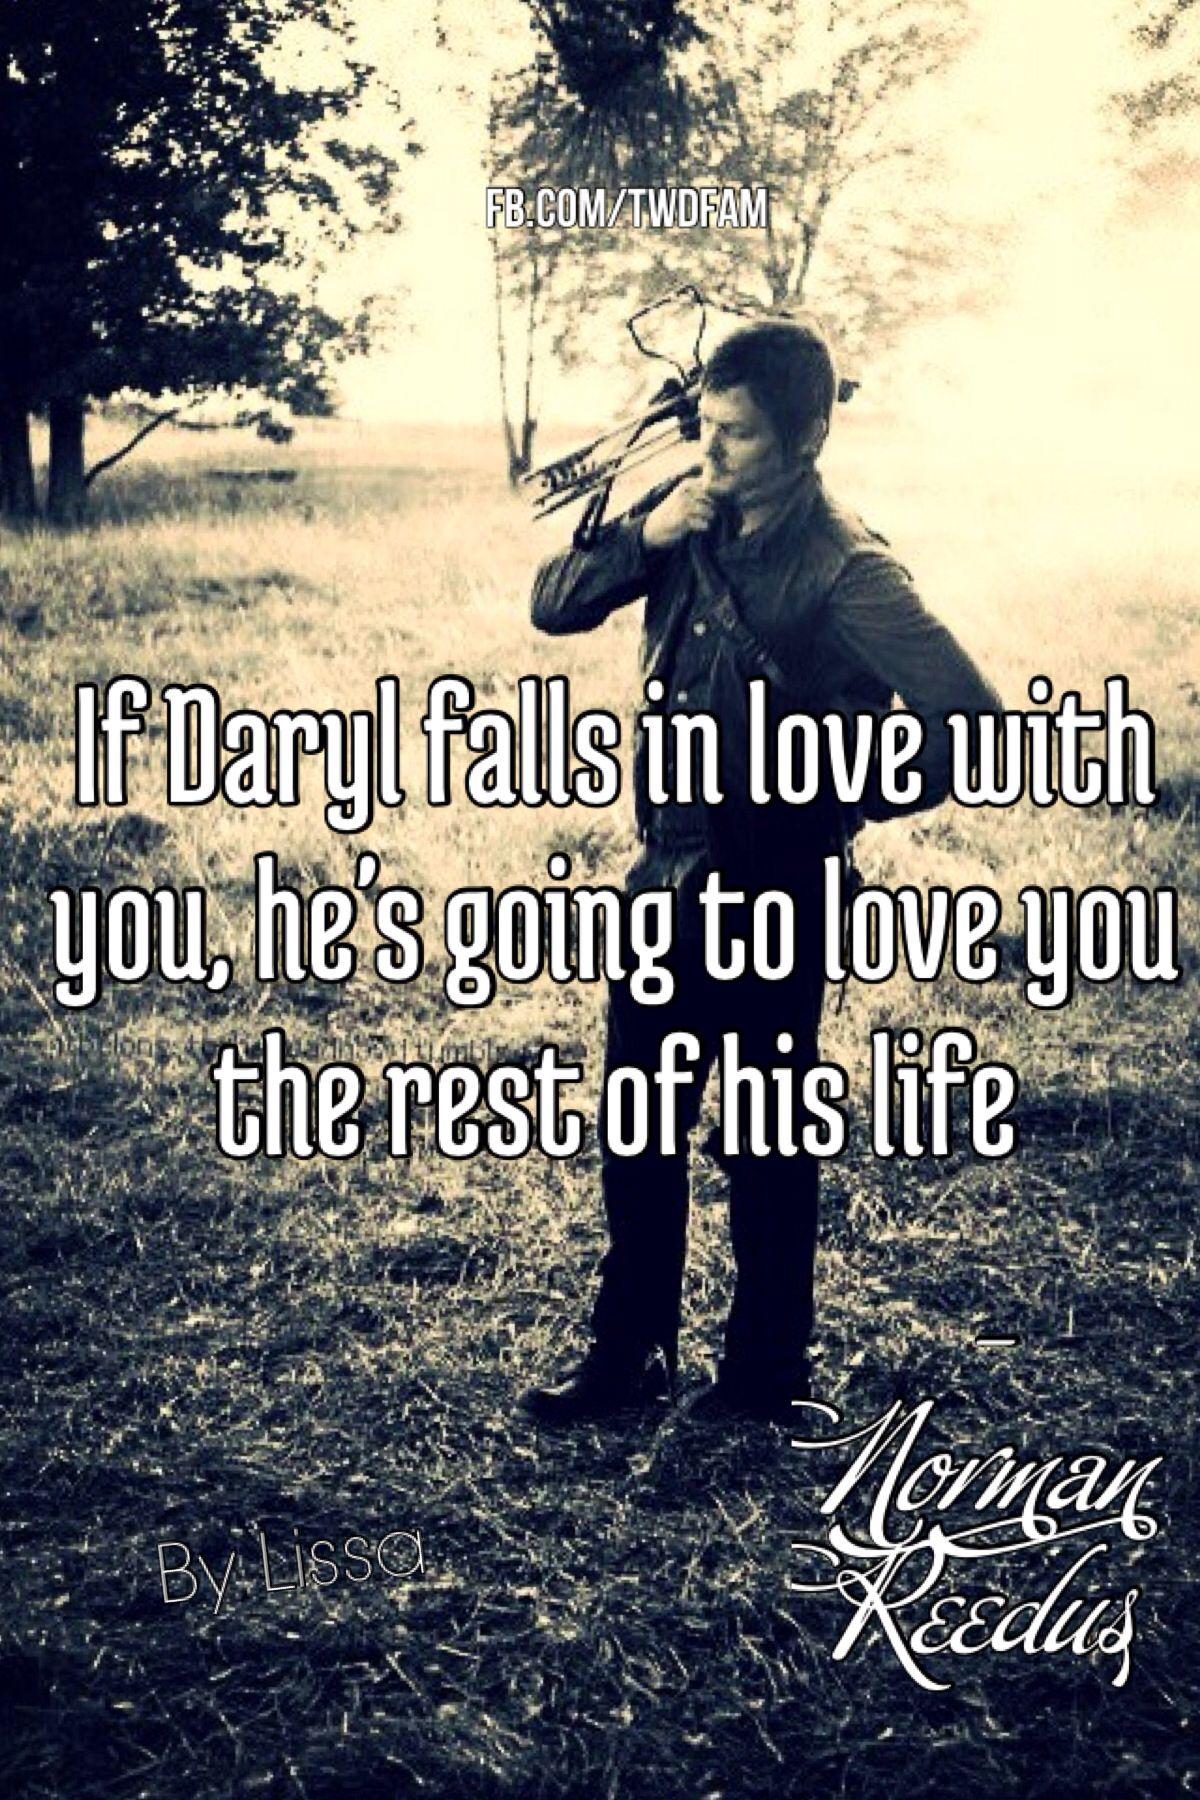 Daryl Dixon - The Walking Dead>>> Dear  Daryl: get with carol. Sincerely: everyone